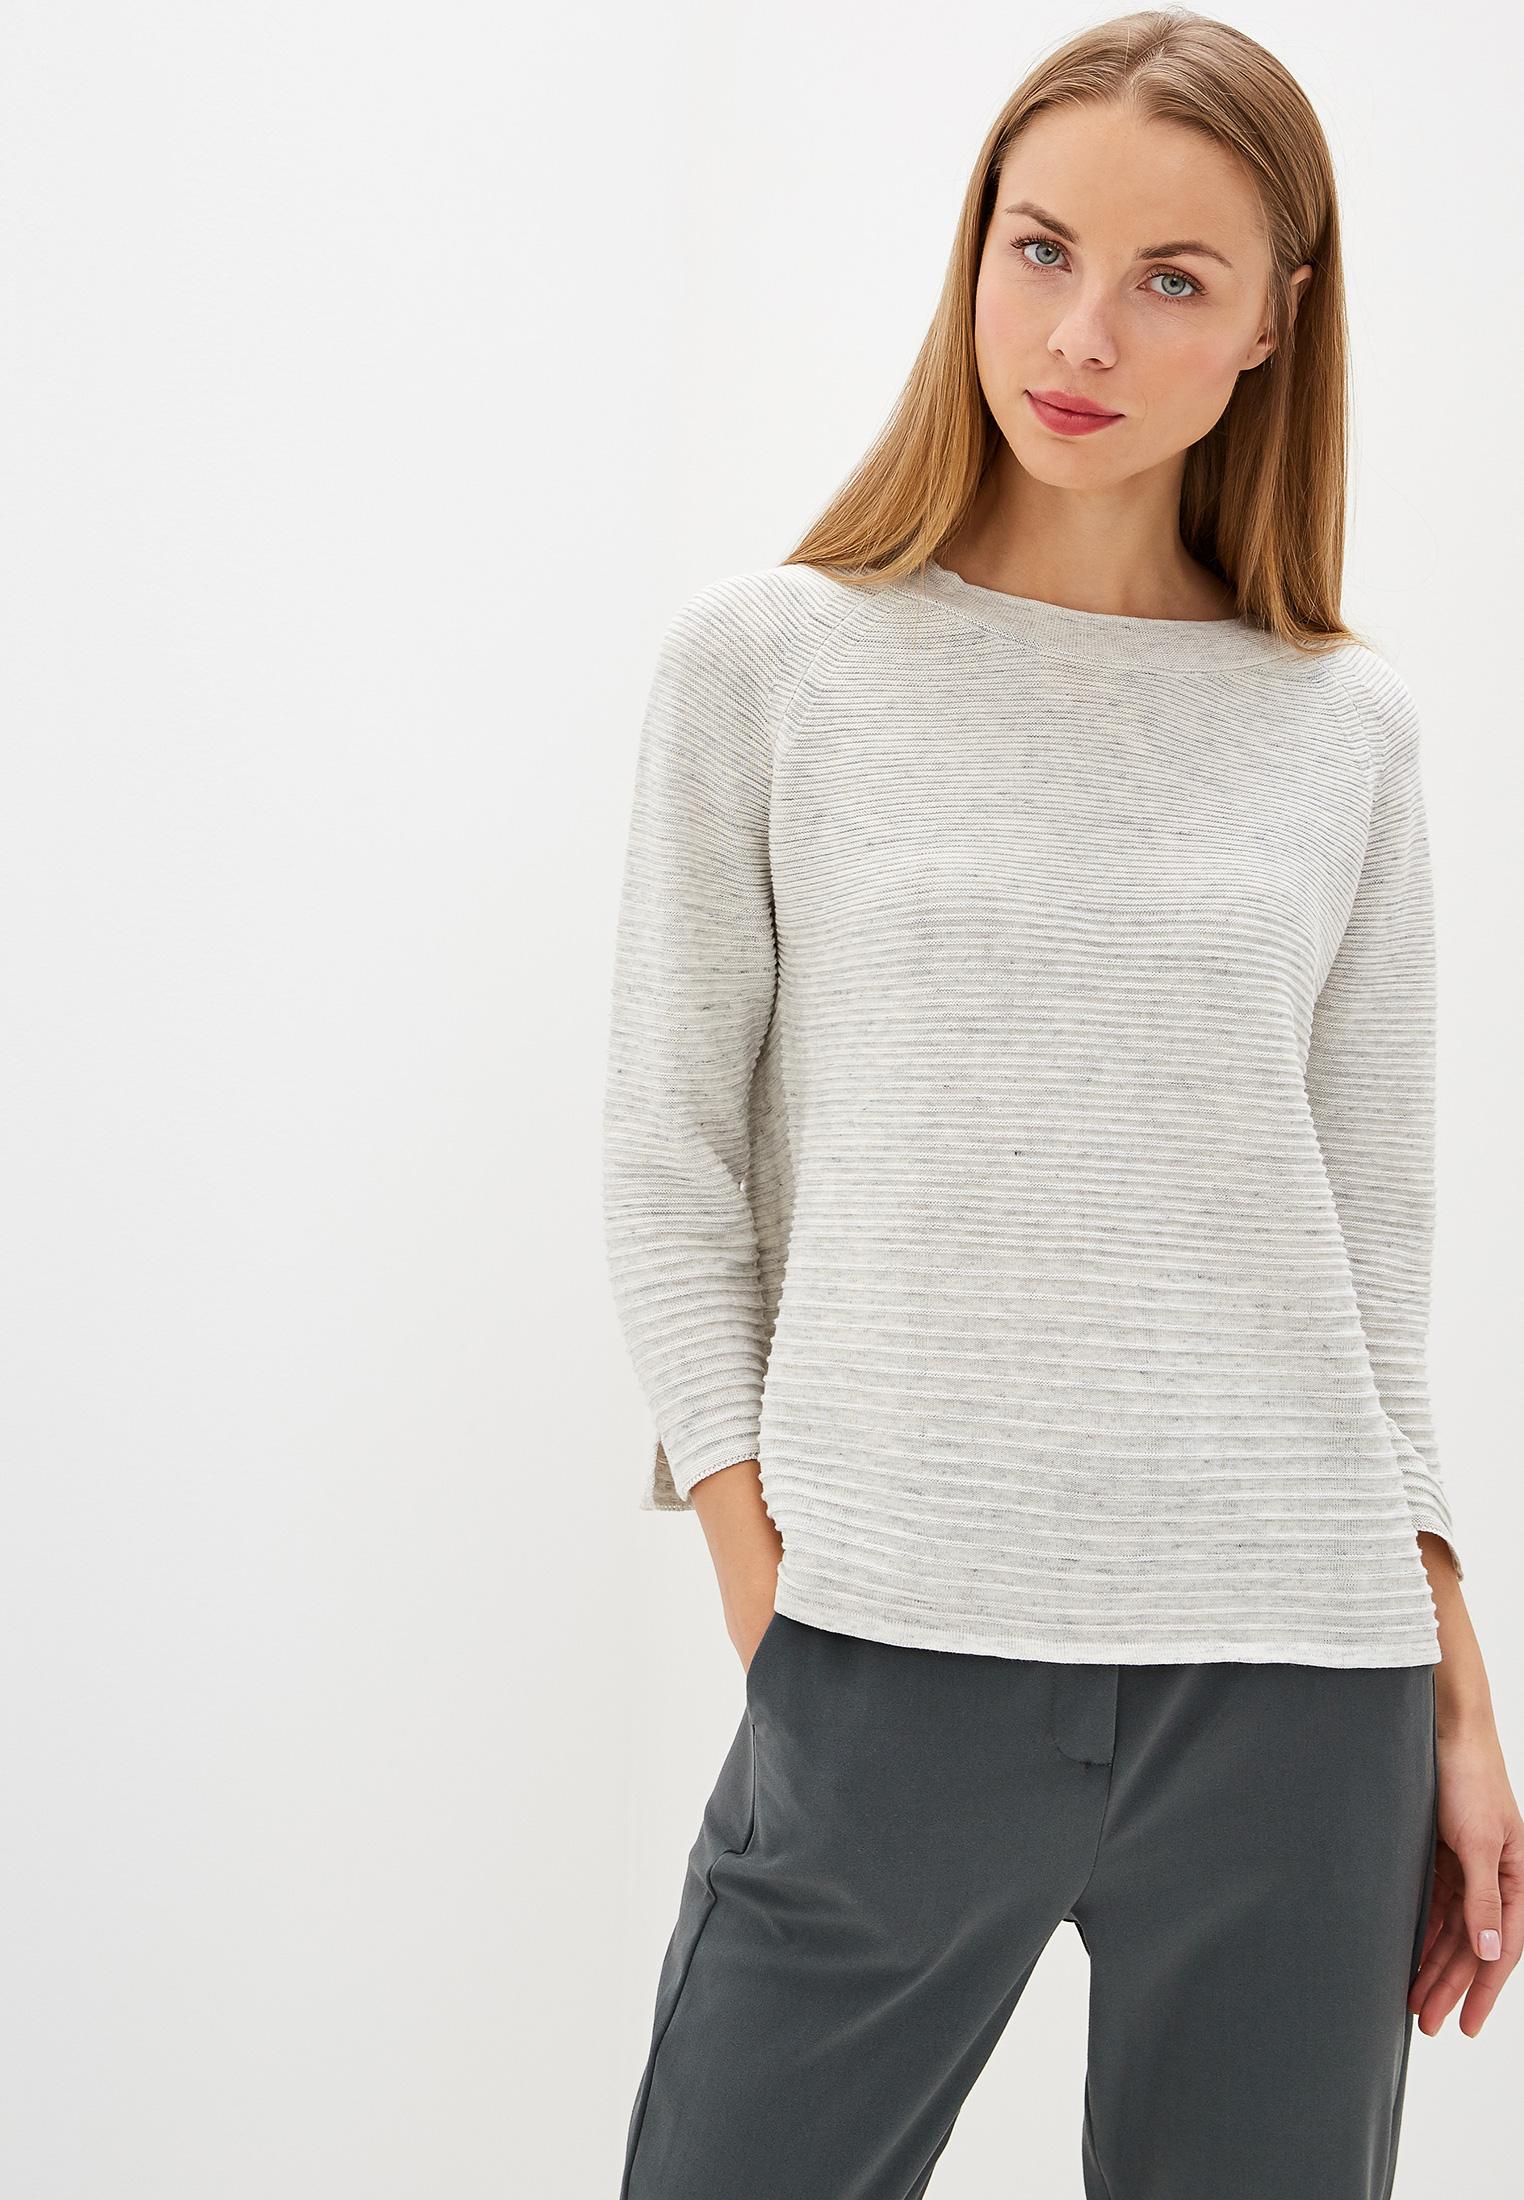 Джемпер, Savage, цвет: серый. Артикул: SA004EWGERI8. Одежда / Джемперы, свитеры и кардиганы